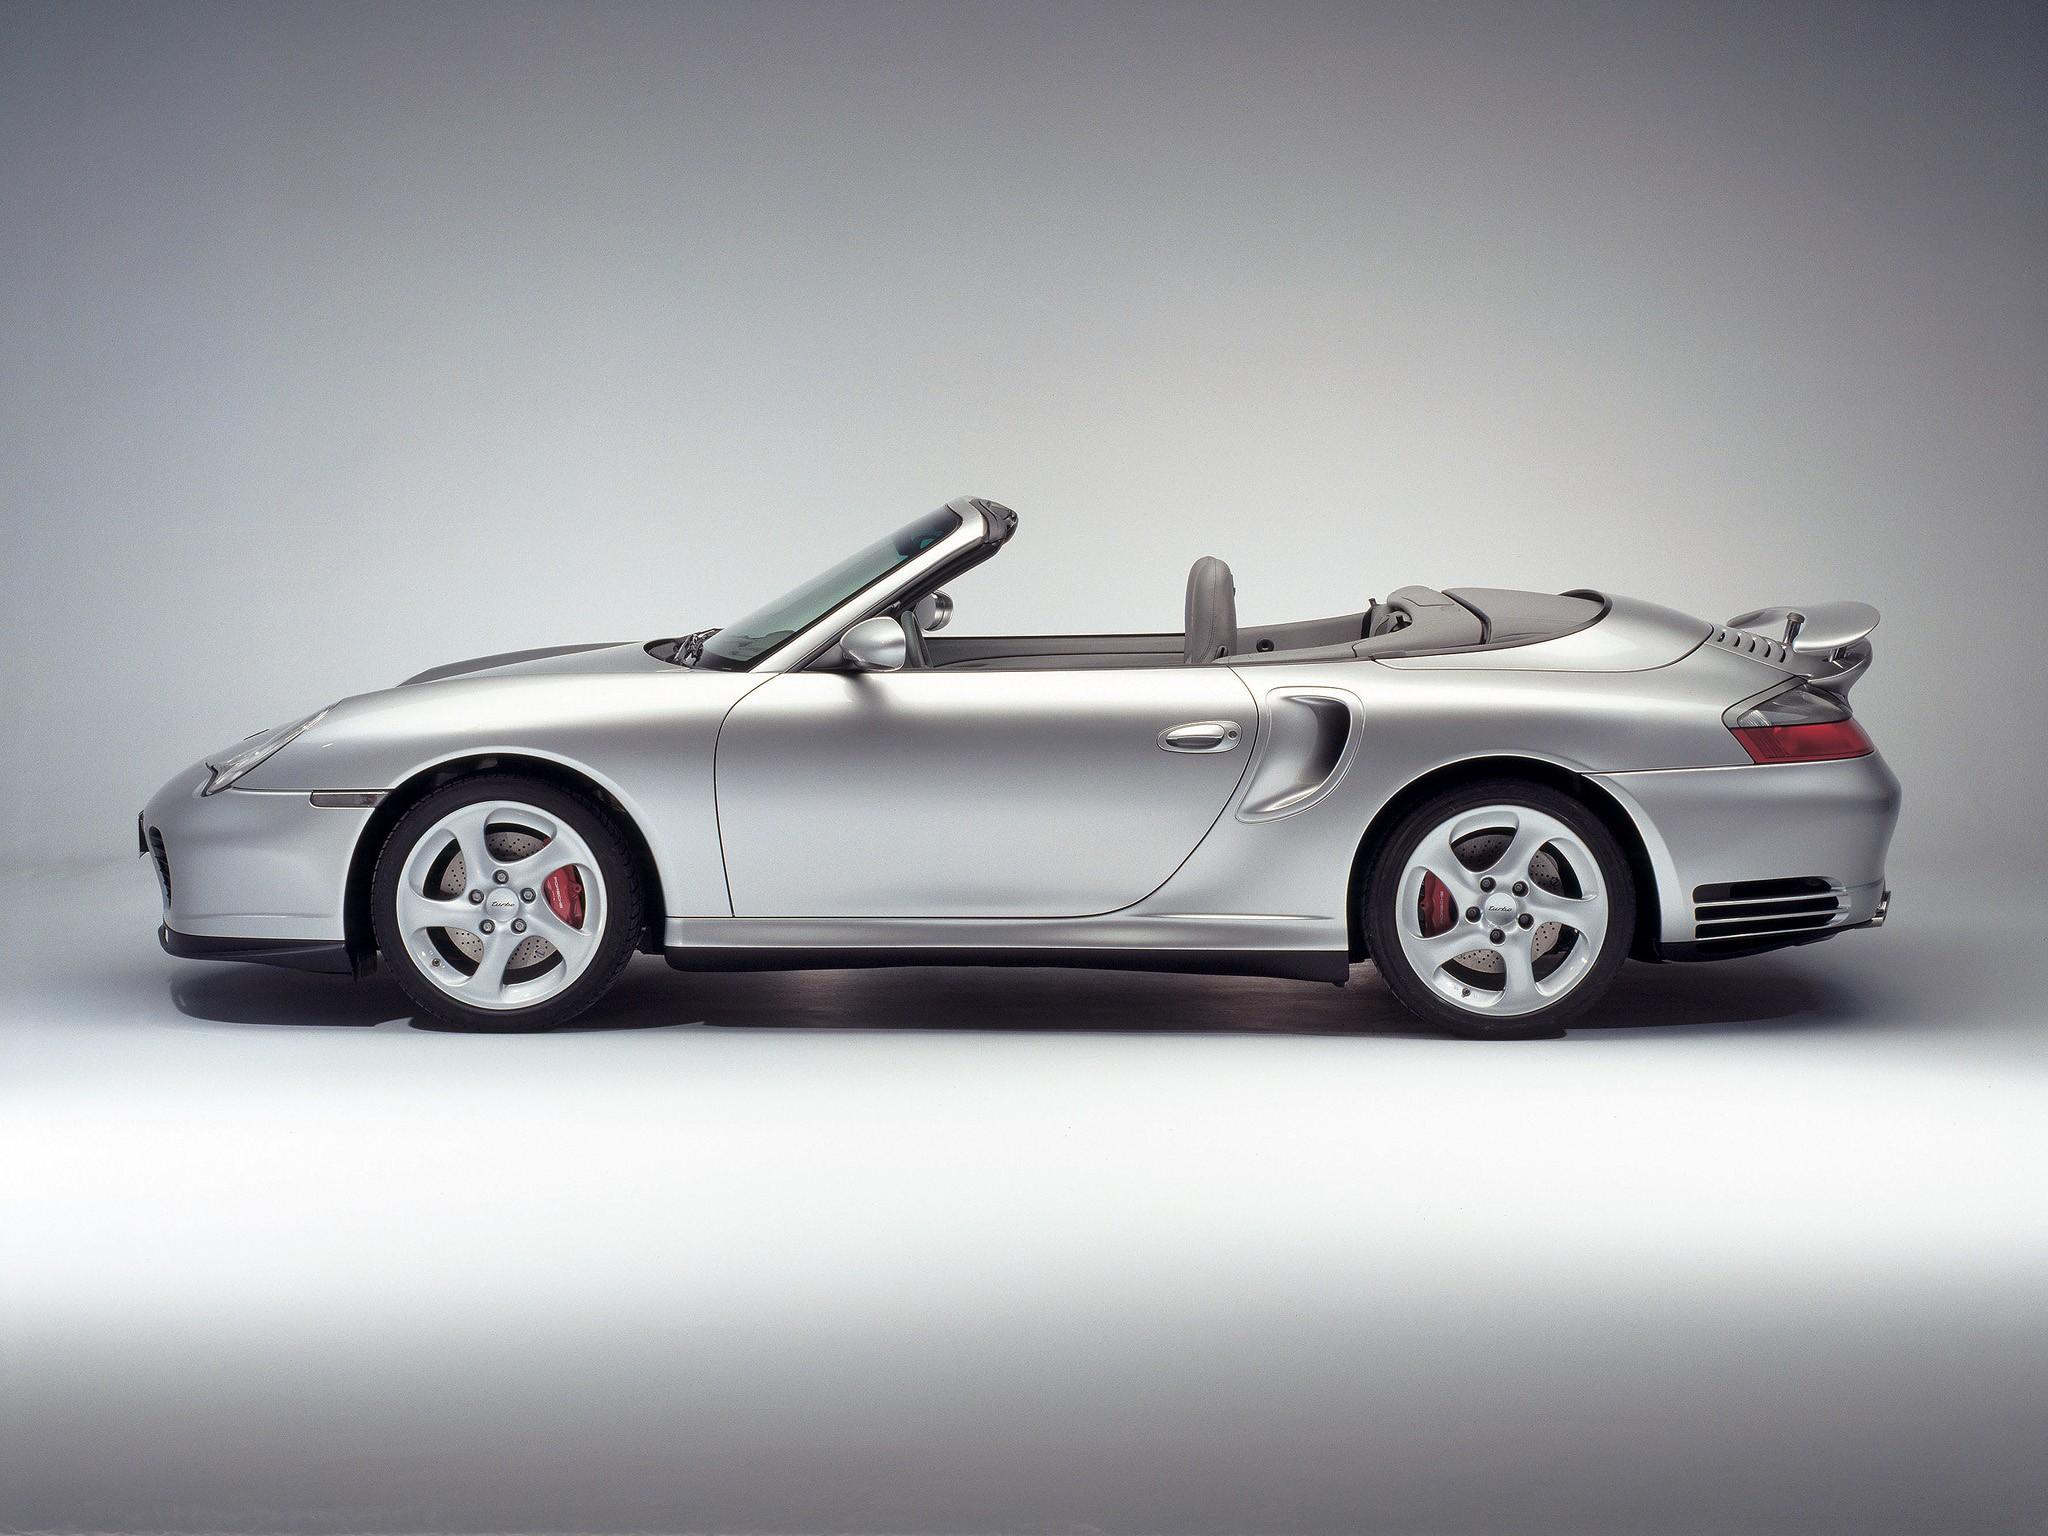 porsche 911 turbo cabriolet 996 2004 2005 2006 2007. Black Bedroom Furniture Sets. Home Design Ideas